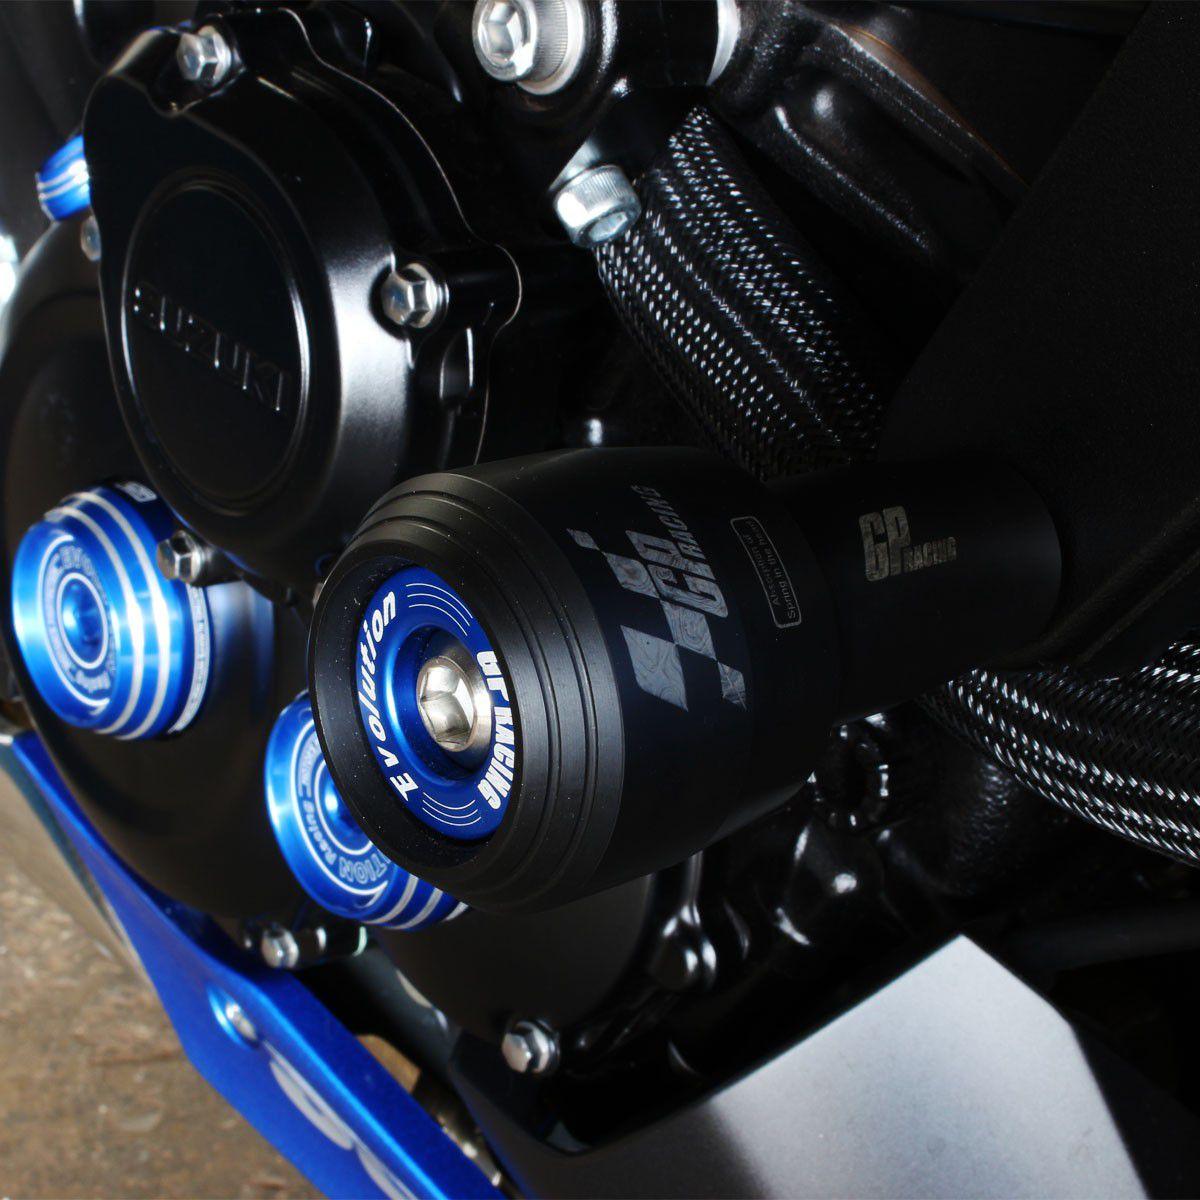 Slider Suzuki GSXR Srad 750 01 02 03 04 05 06